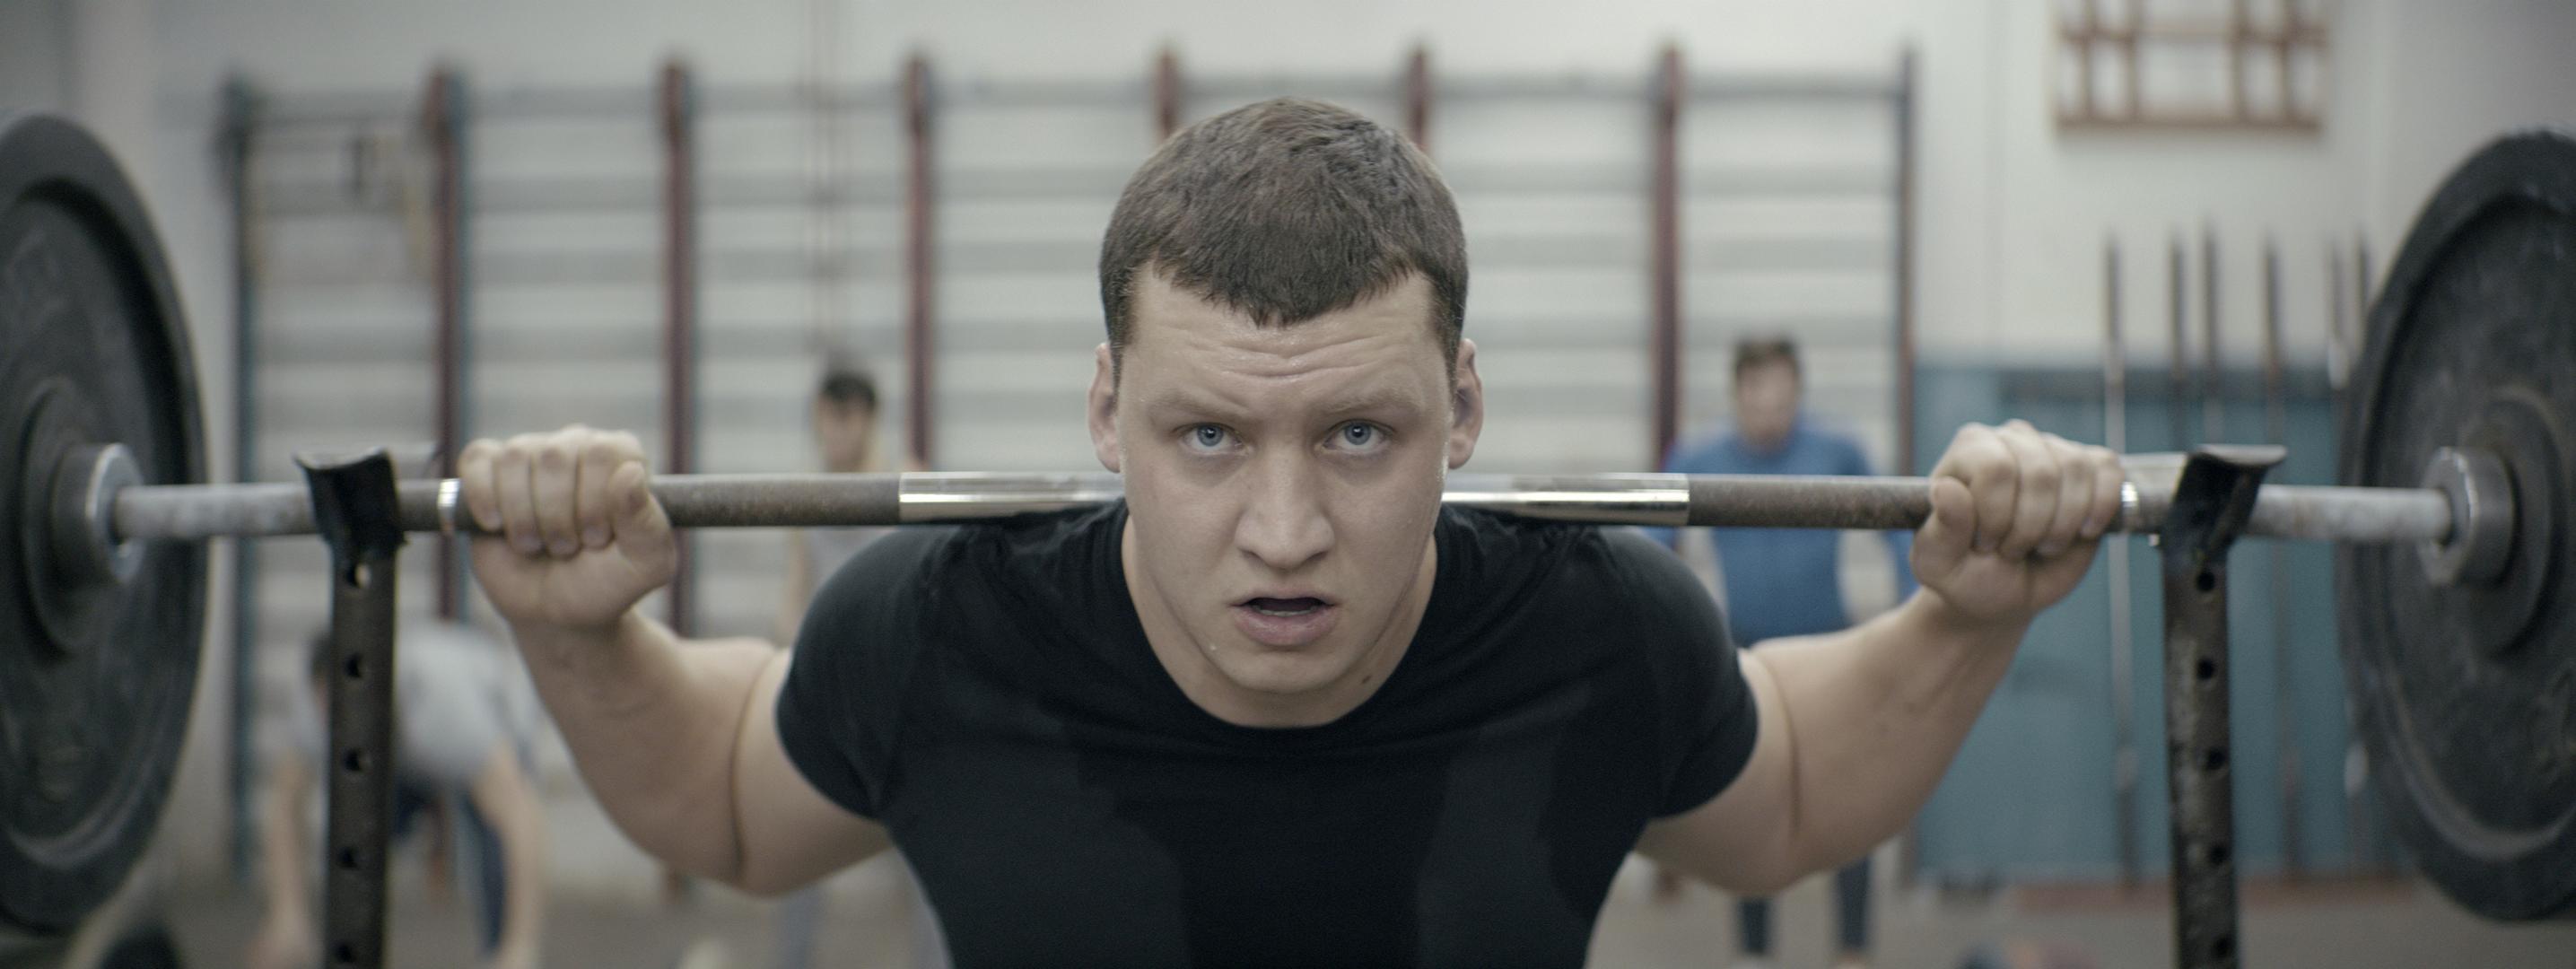 Weightlifter_still 5_1